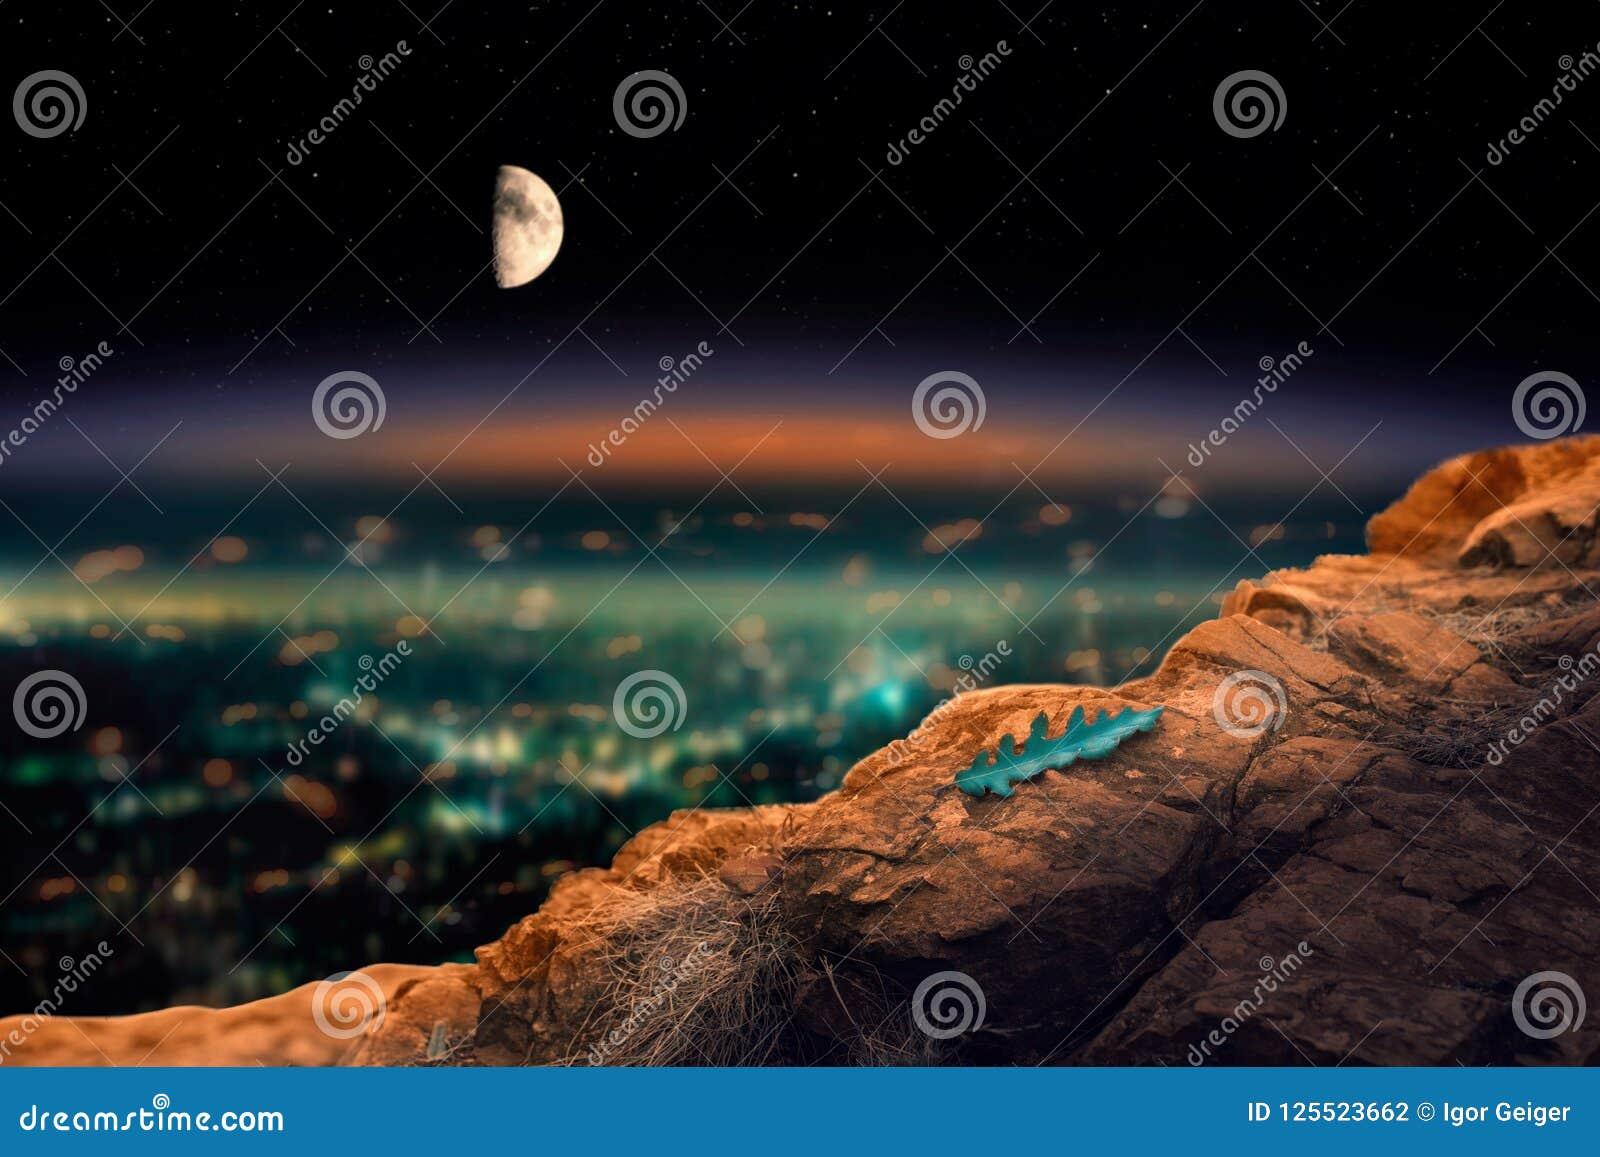 Vista da cidade da noite de um penhasco alto em que se encontra um le solitário